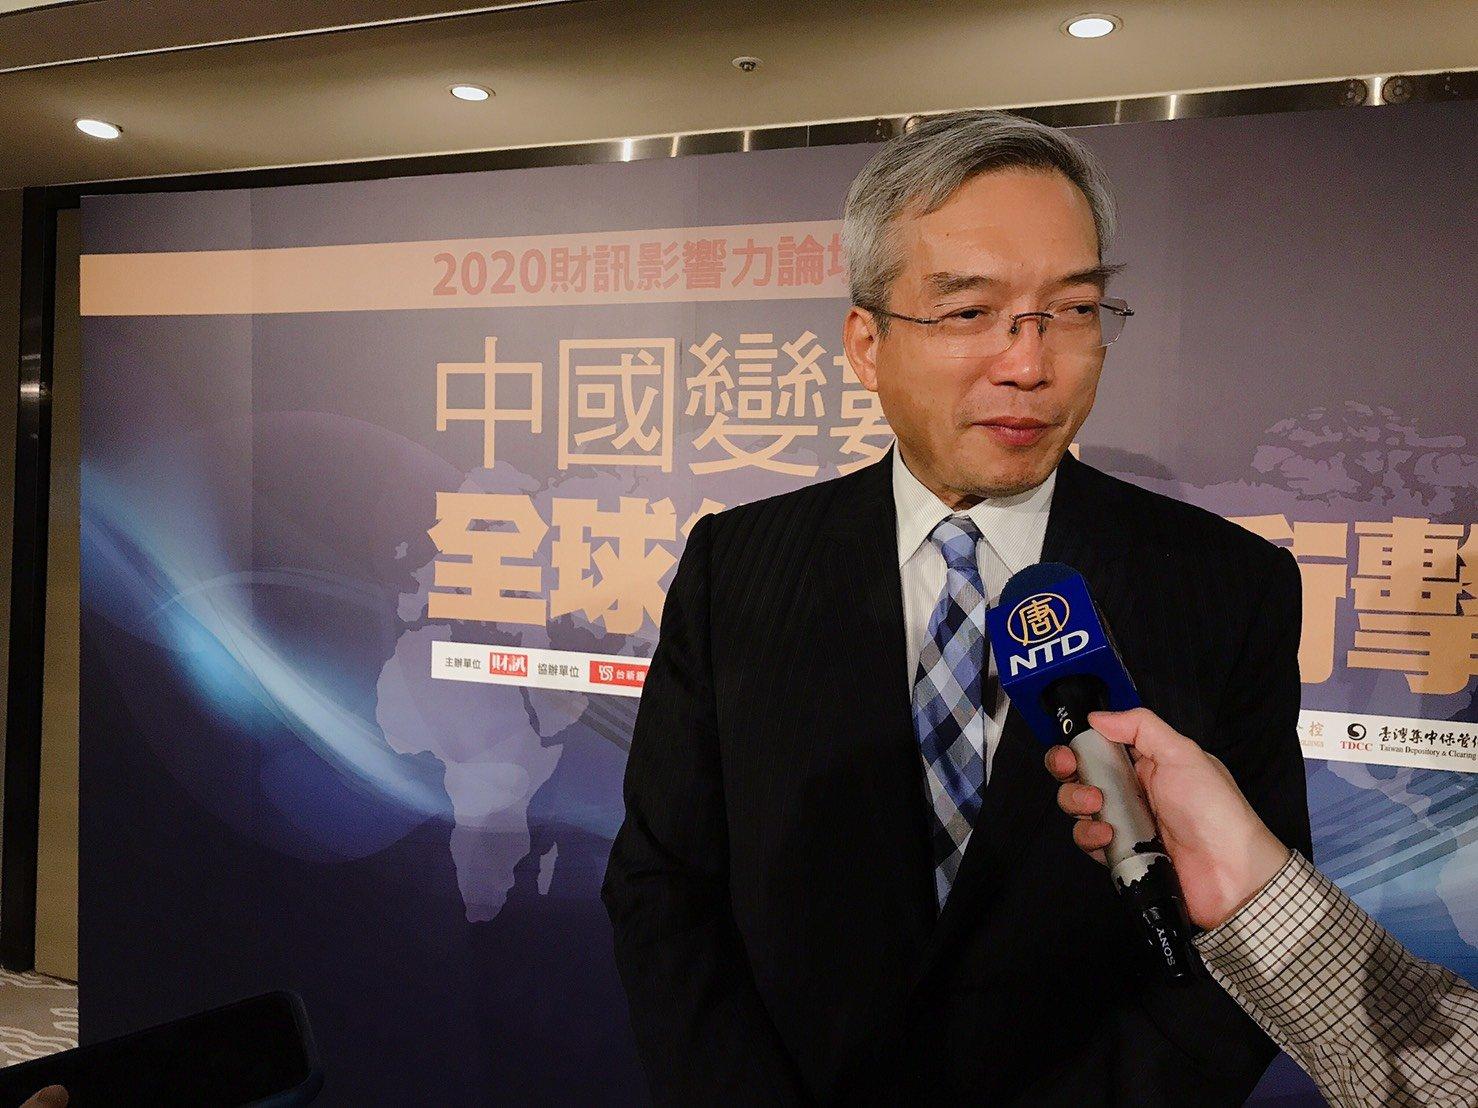 財信集團董事長謝金河2020年7月23日說,台股已非30年前的情況,台灣產業外流的狀況正在翻轉。(賴意晴/大紀元)